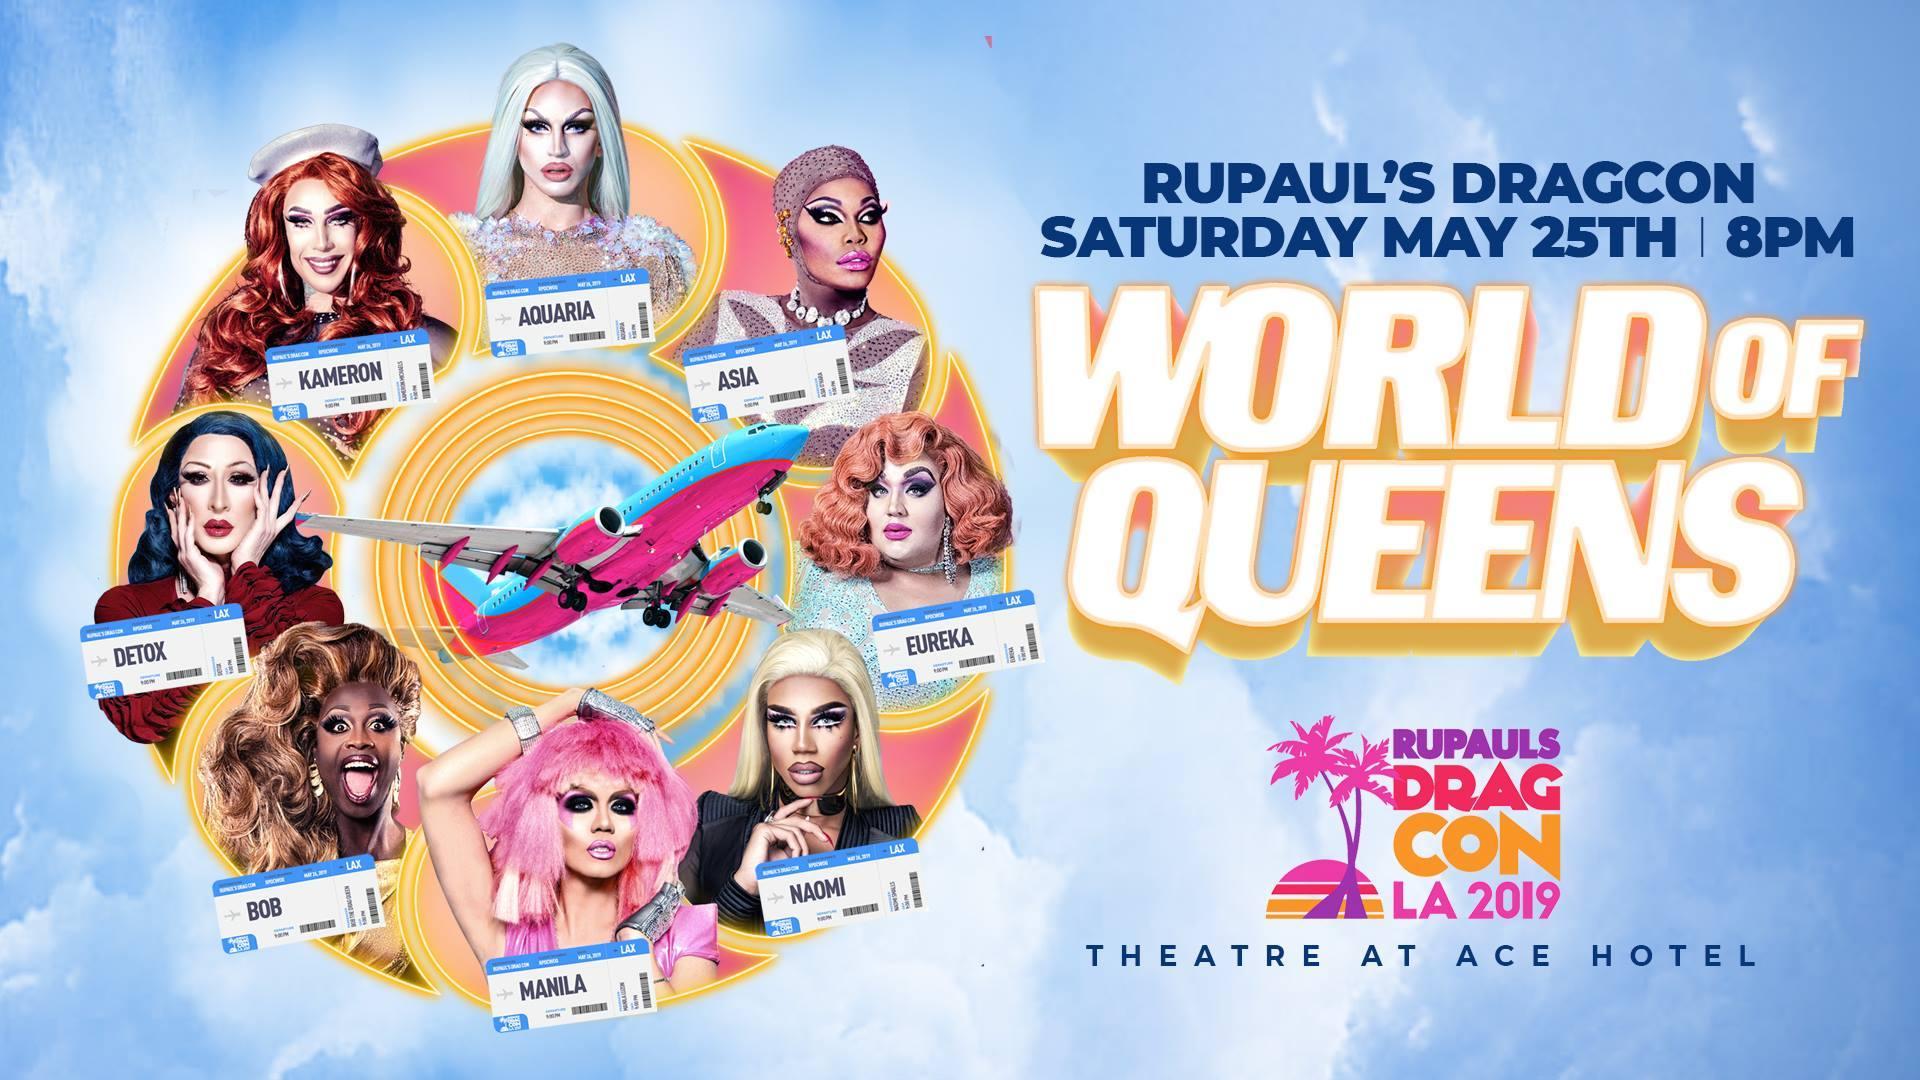 RuPaul's DragCon World of Queens 2019